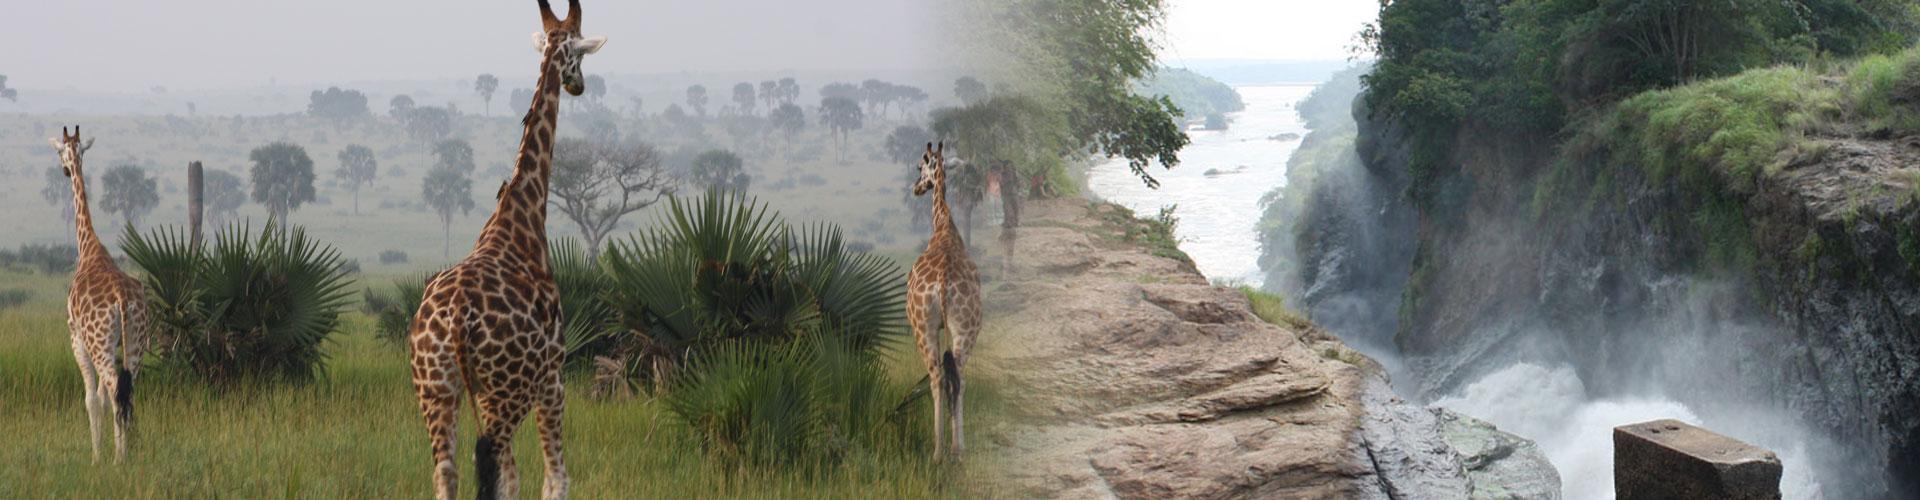 8-TAGE-Uganda-Safari